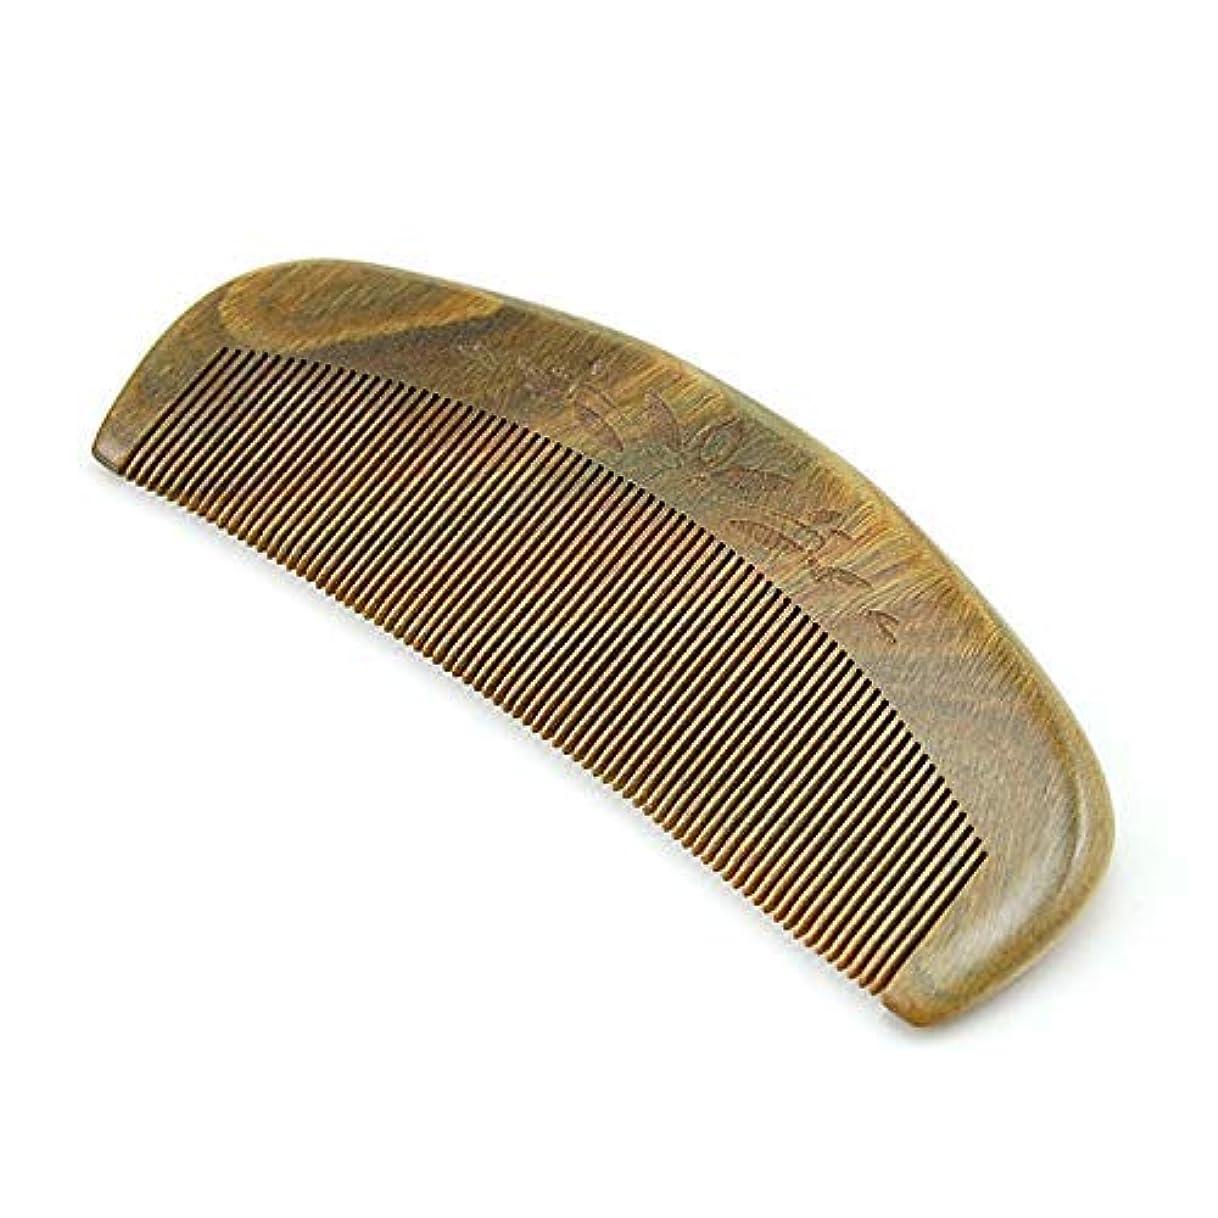 時期尚早広告主道徳のBrand New and Natural Green Sandalwood Fine Tooth Comb, Anti Static Pocket Wooden Comb [並行輸入品]